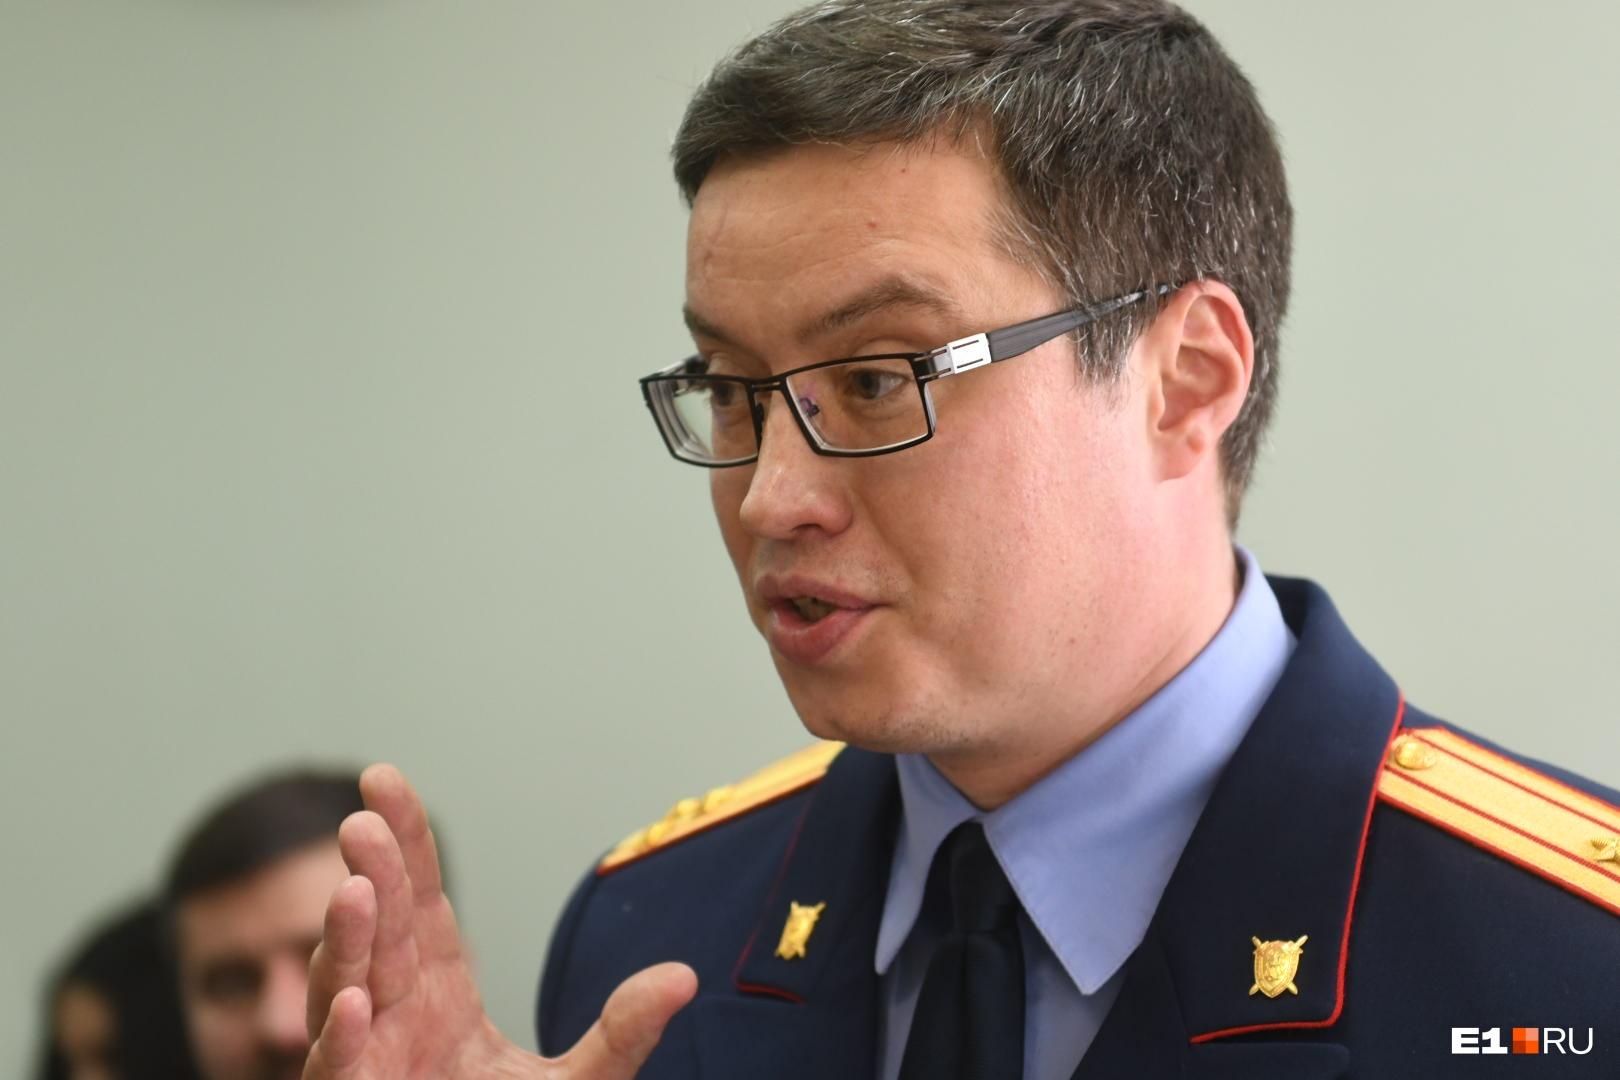 Следователь Алексей Кондин